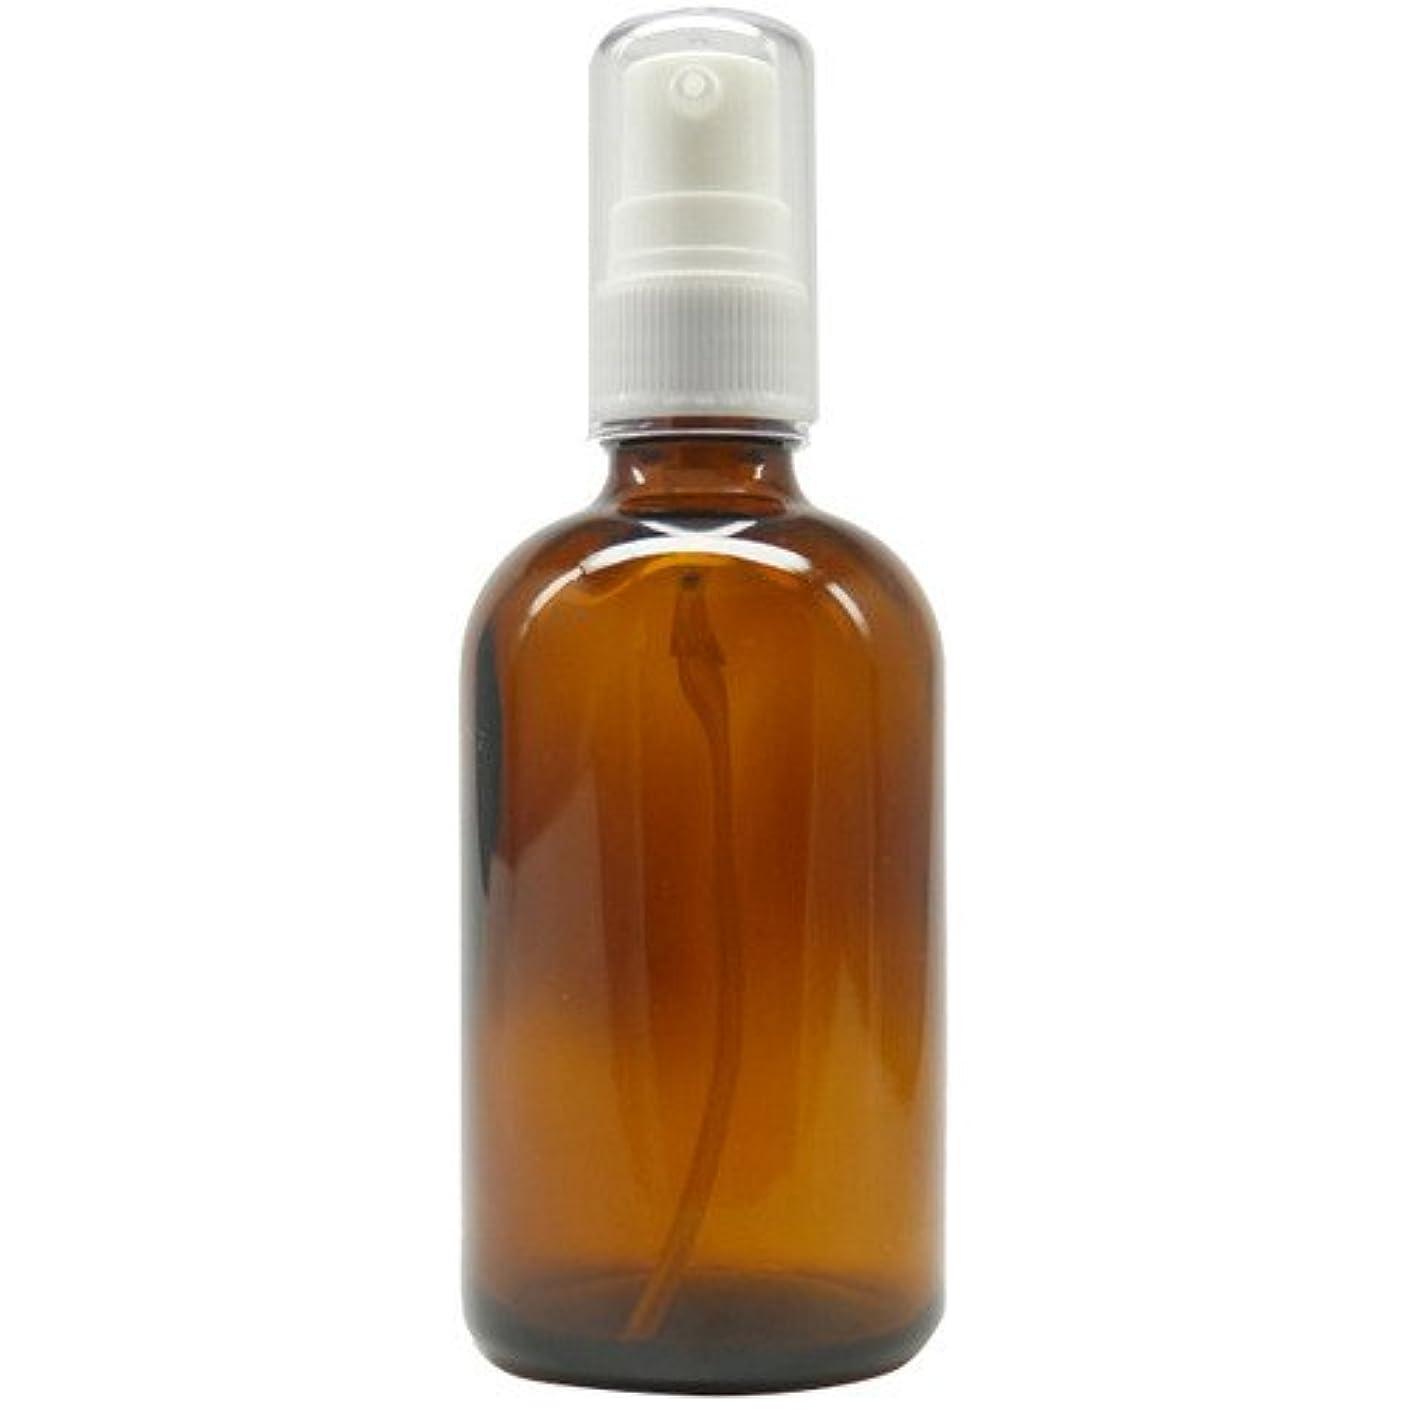 アロマアンドライフ (D)茶褐色ポンプ瓶100ml 3本セット